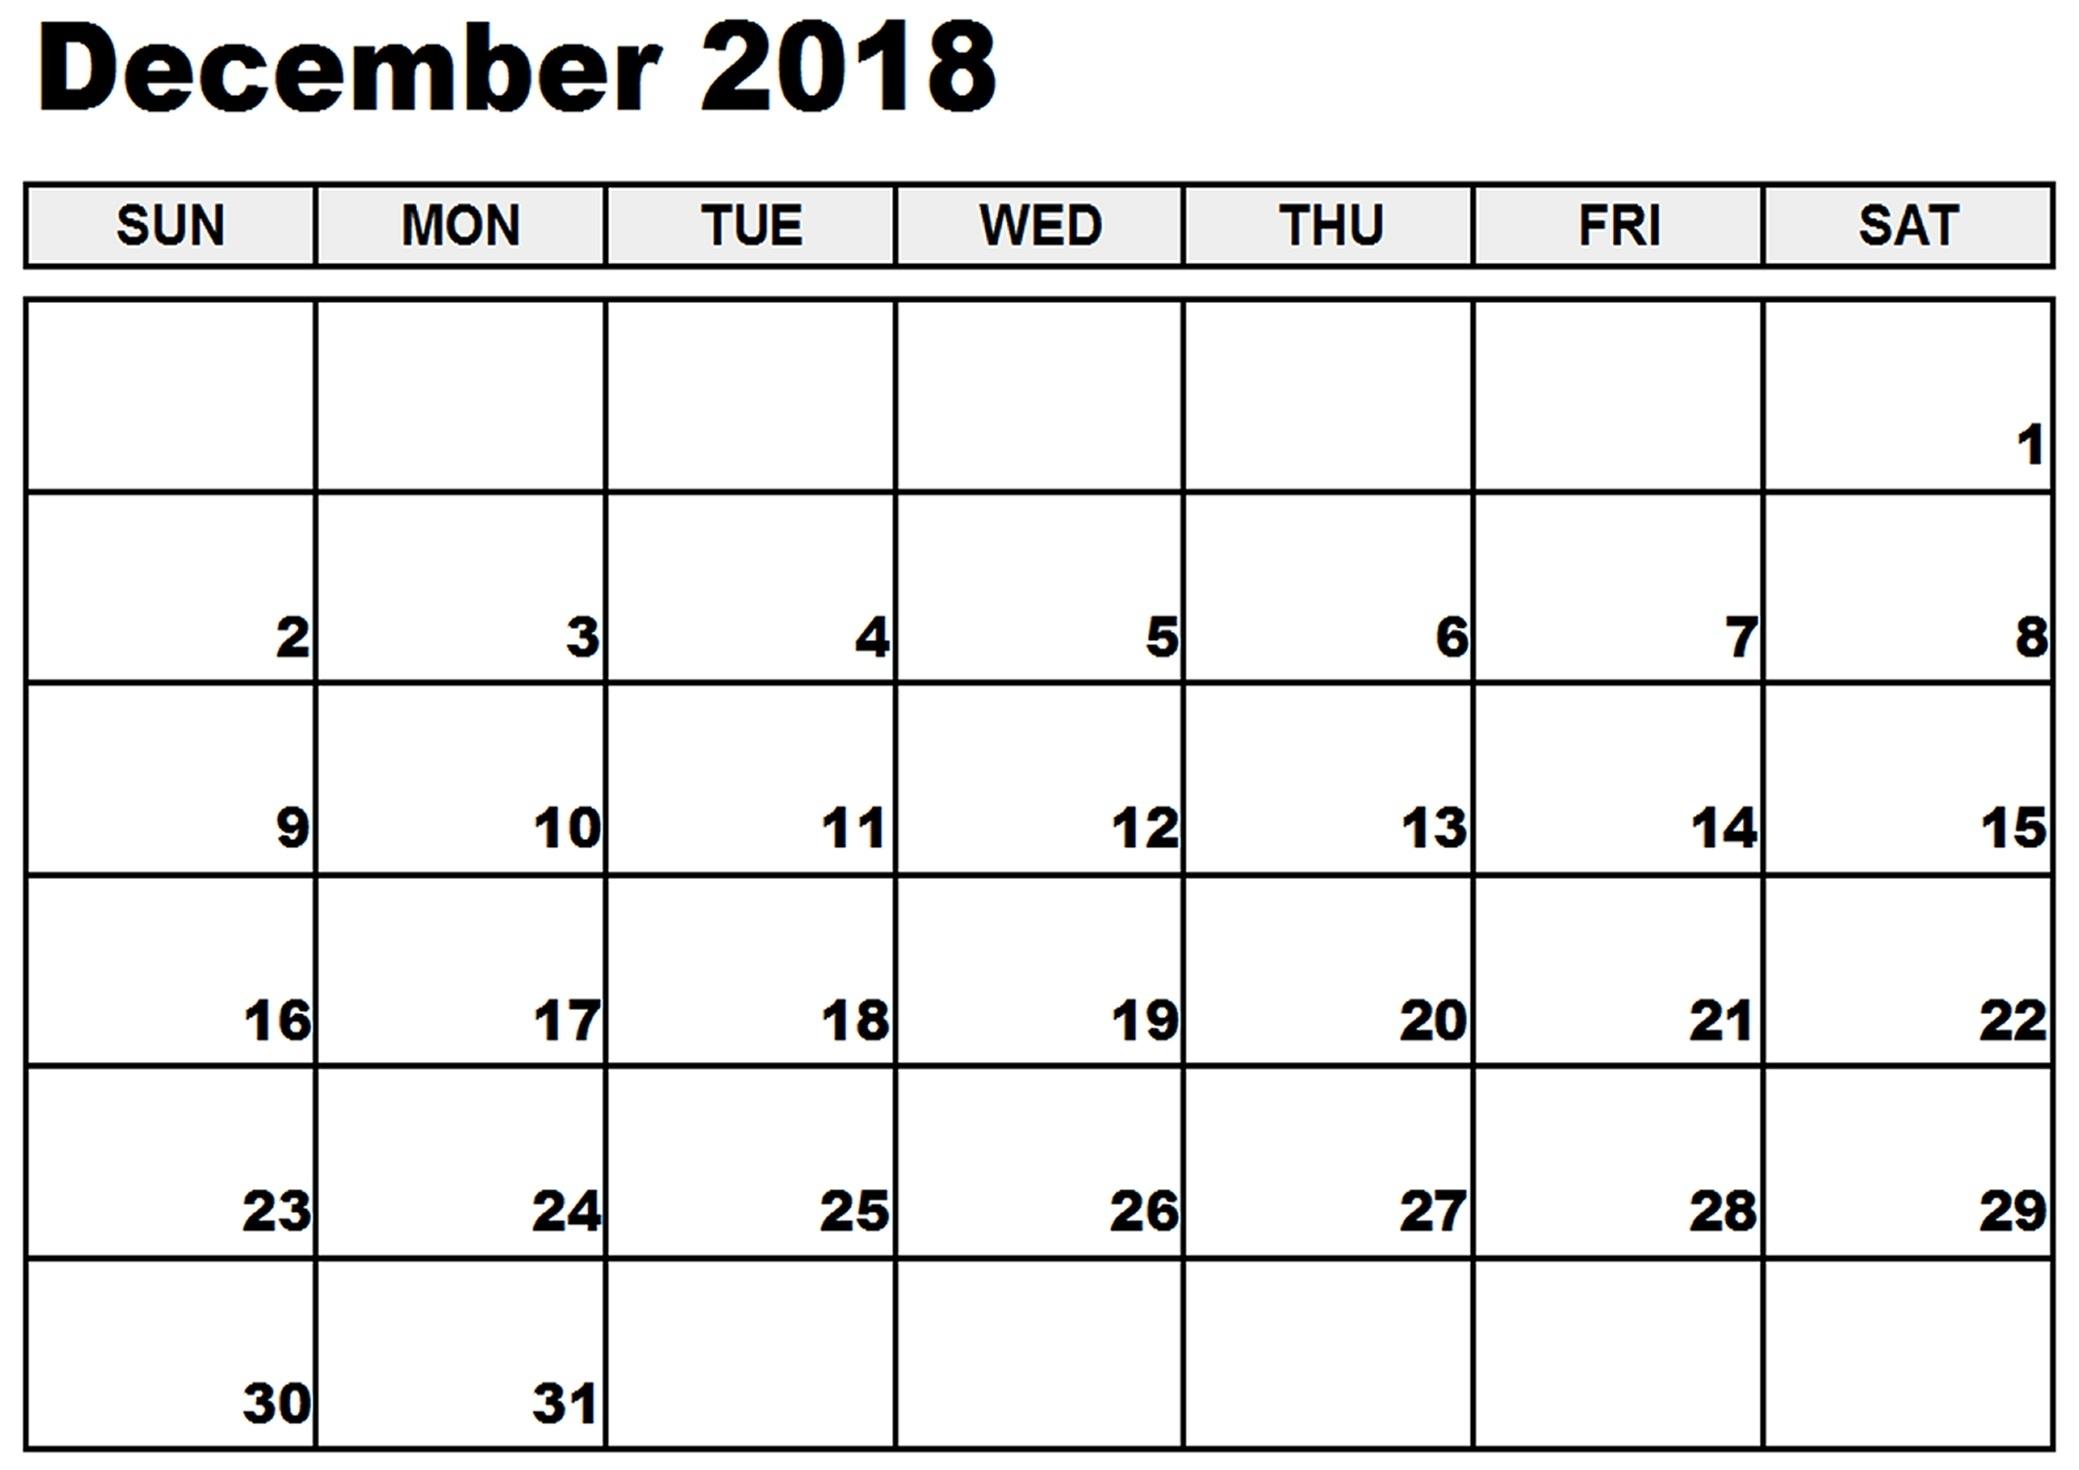 Optimum December 2019 Calendar Waterproof Jacket * Calendar Template in Free Printable Calendars 2020 Waterproof